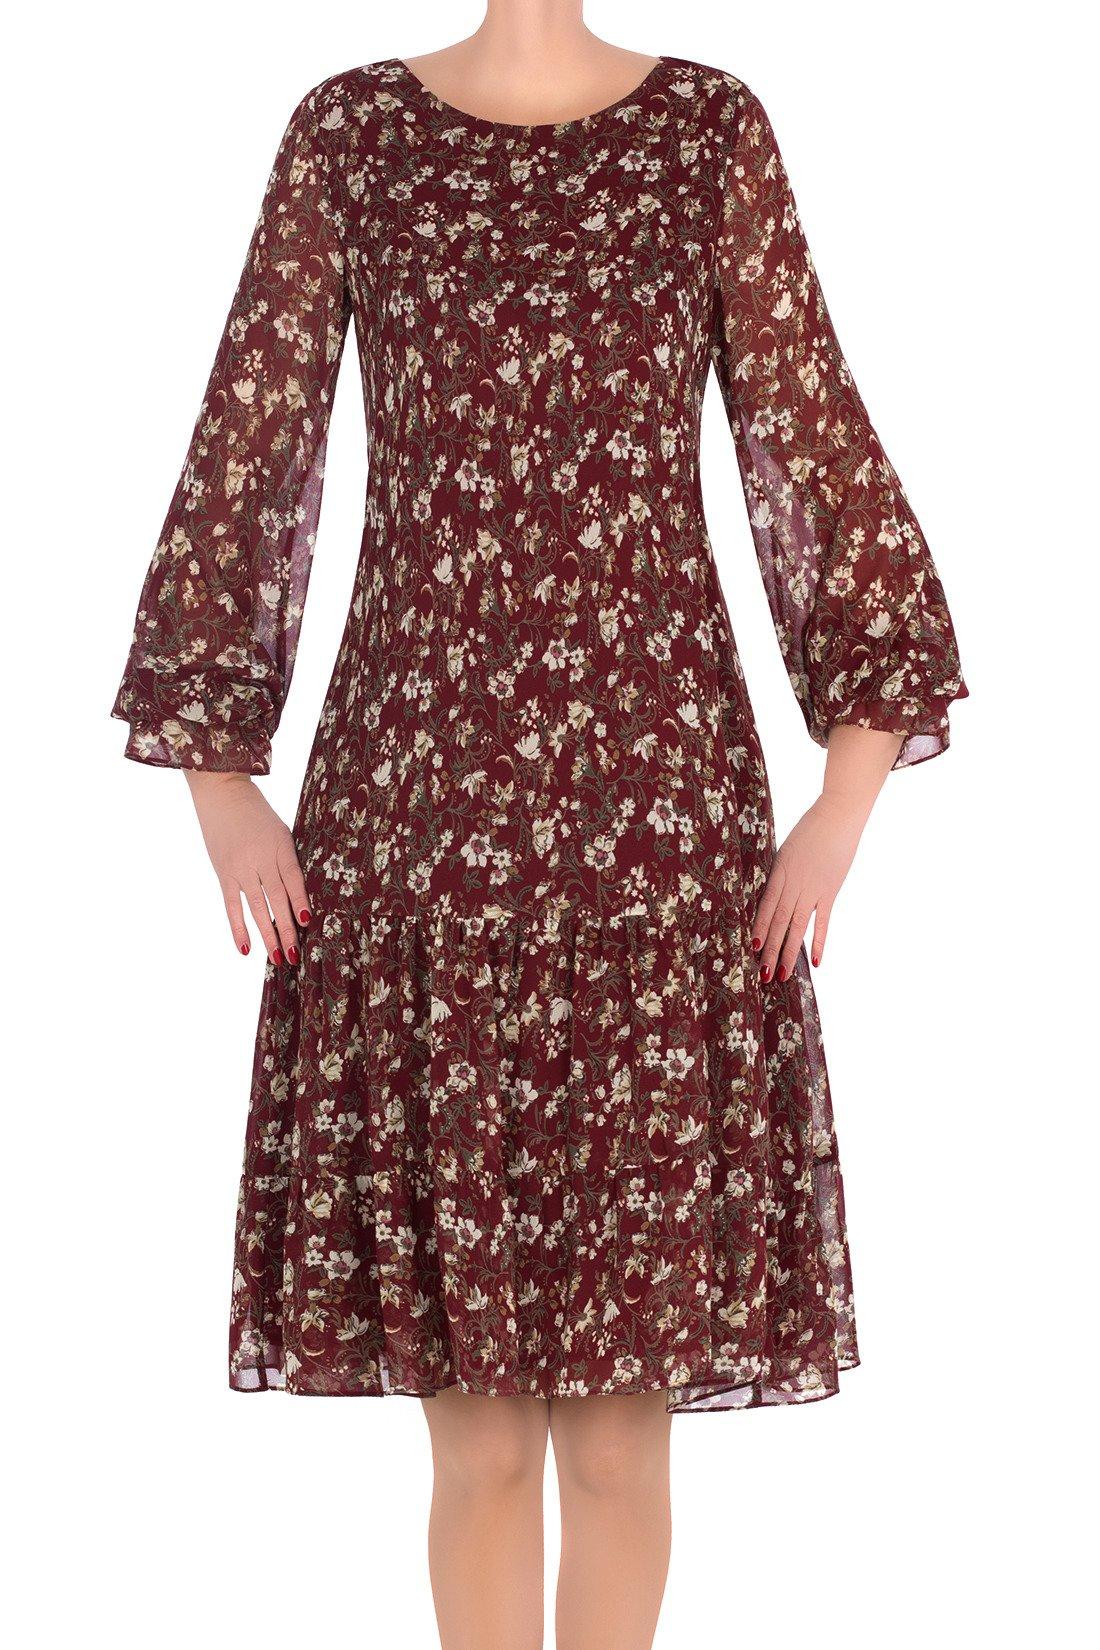 165cfbe780 Sukienka Maria Magdalena Sara bordowa w kwiaty z falbaną Kliknij